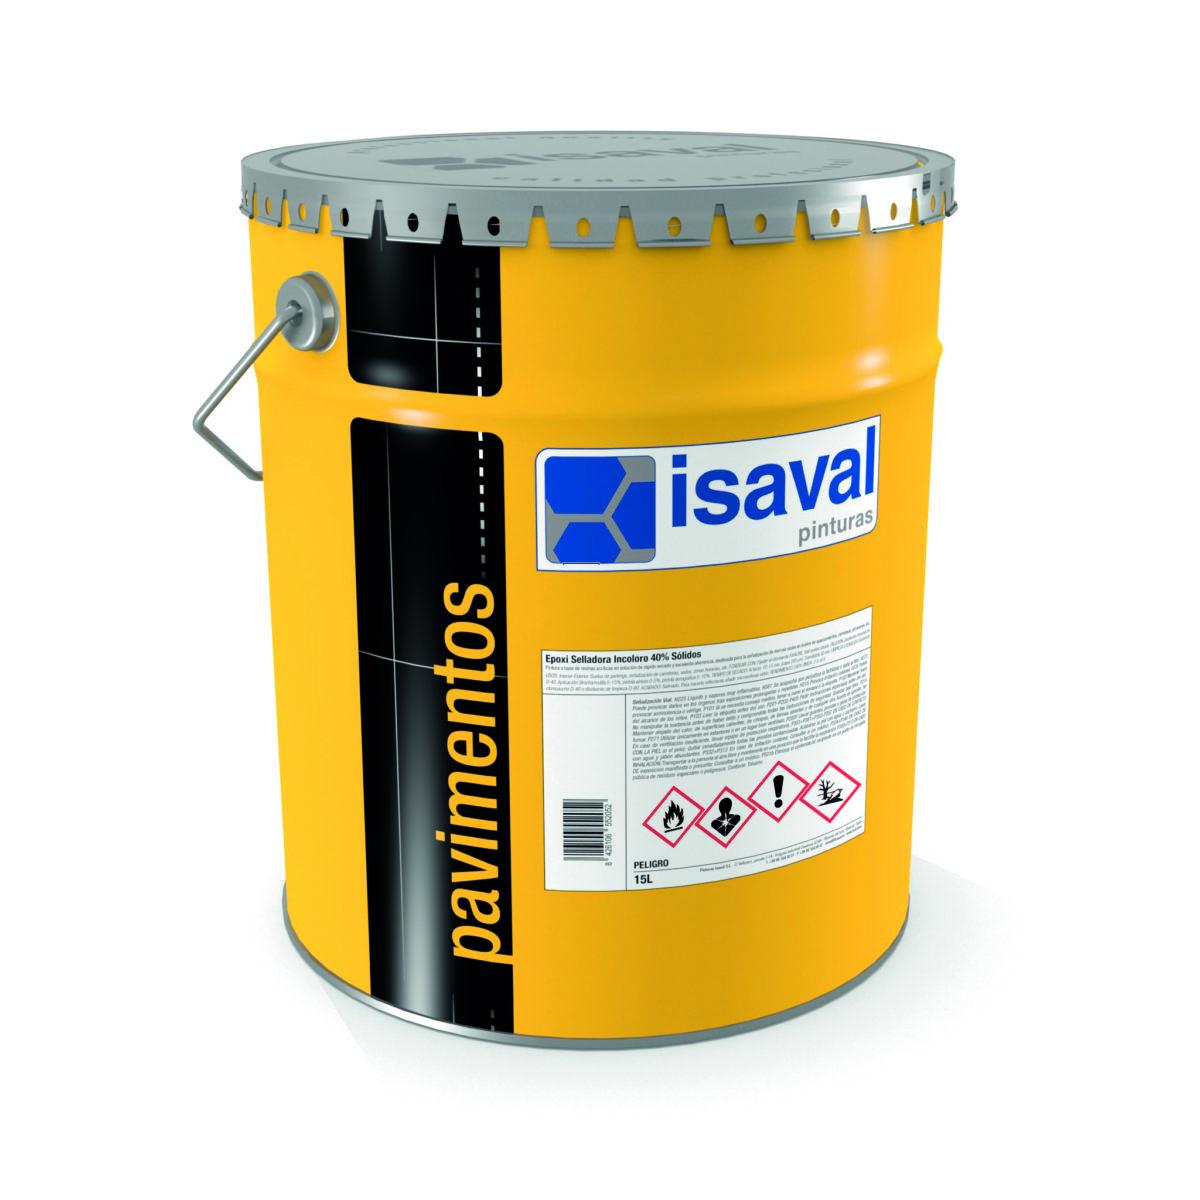 Epoxi sellador incoloro 40% sólidos. Imprimación epoxi incolora de Pinturas Isaval